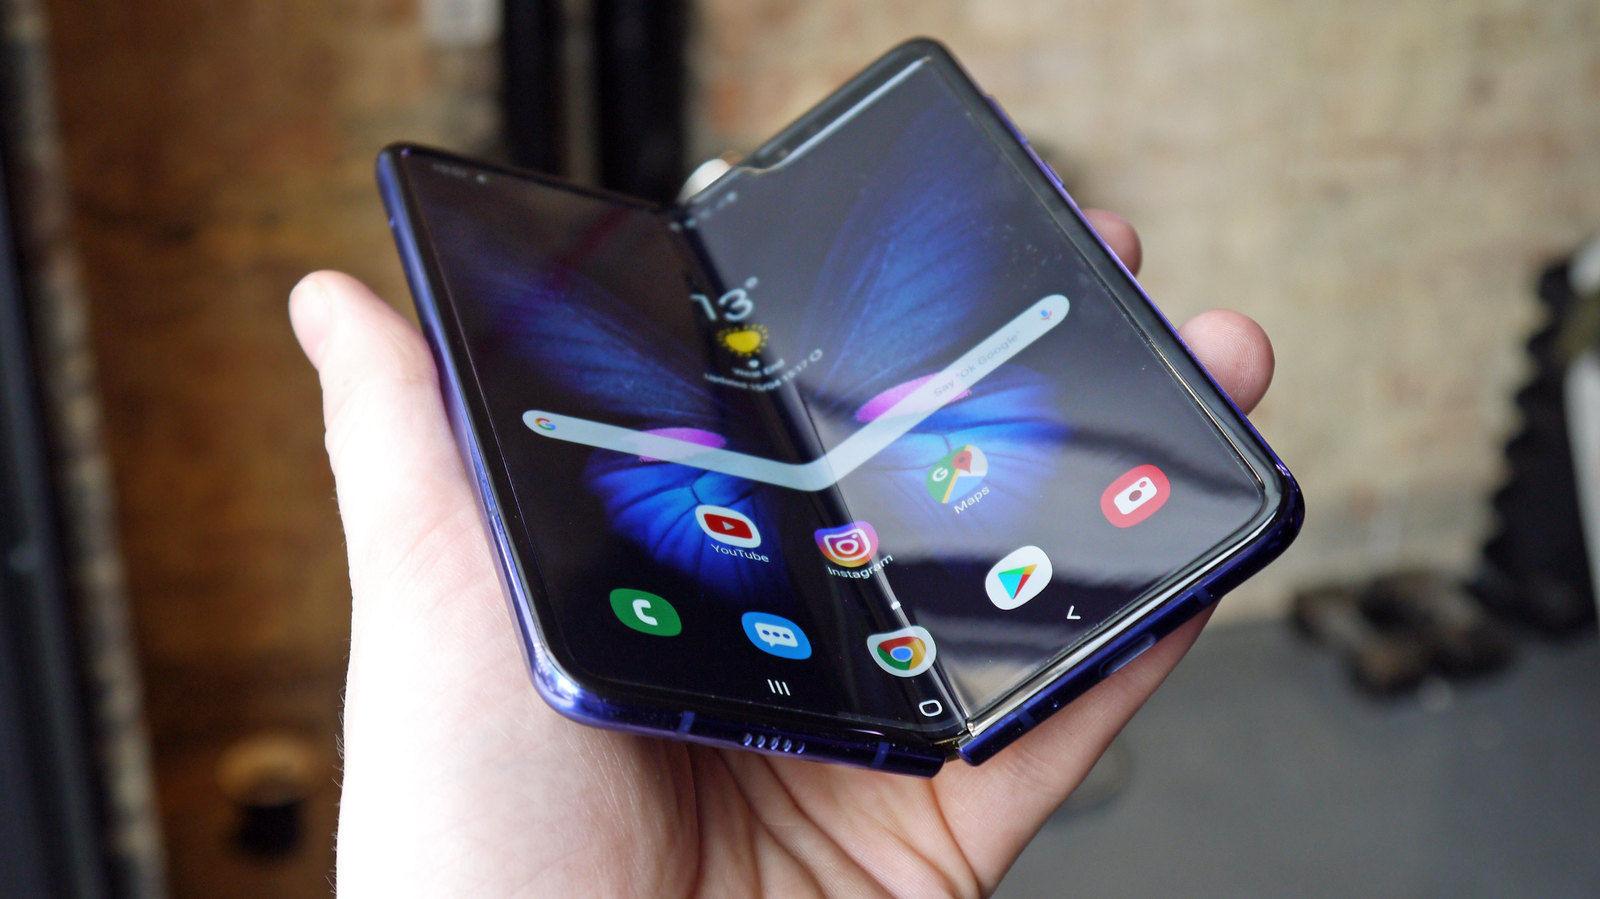 แหล่งข่าววงในเผย Samsung เตรียมปล่อยสมาร์ตโฟนพับจอได้ Galaxy Fold สู่ตลาดเร็วๆ นี้